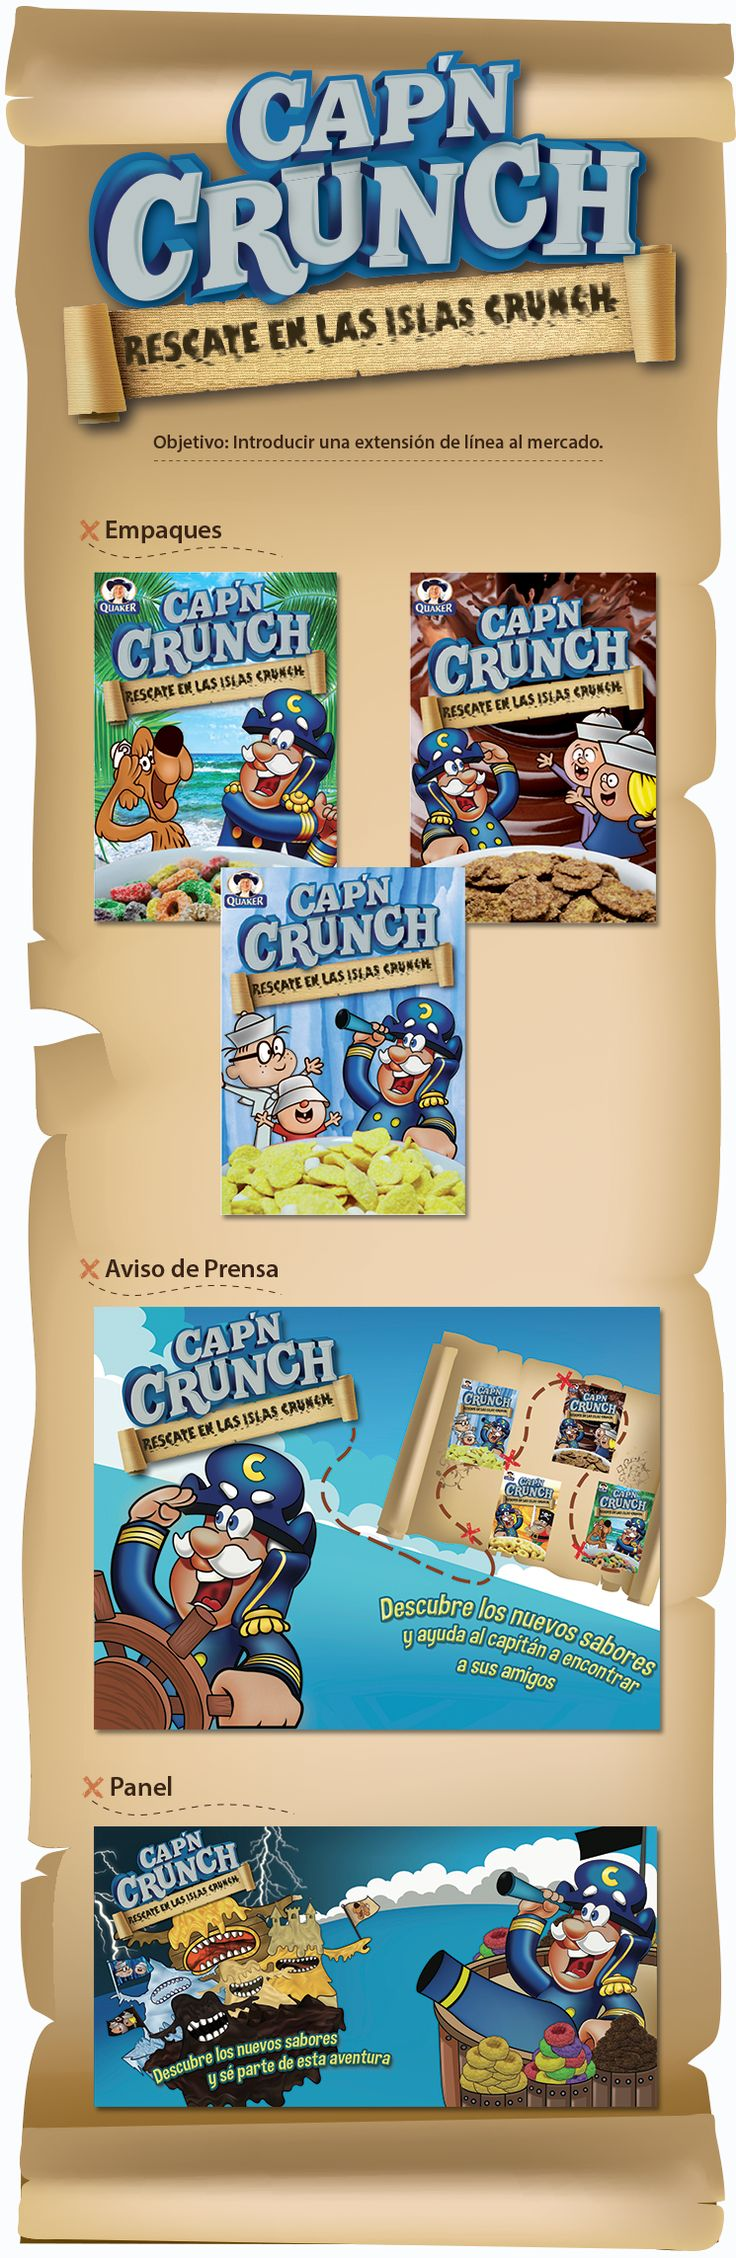 Actualmente la marca de cereales CAP'N CRUNCH sólo distribuye una presentación clásica en el mercado peruano. Mediante esta campaña se propone lanzar una extensión de línea con nuevos sabores, utilizando una historia en la cual el capitán rescata a sus compañeros de los 80's.